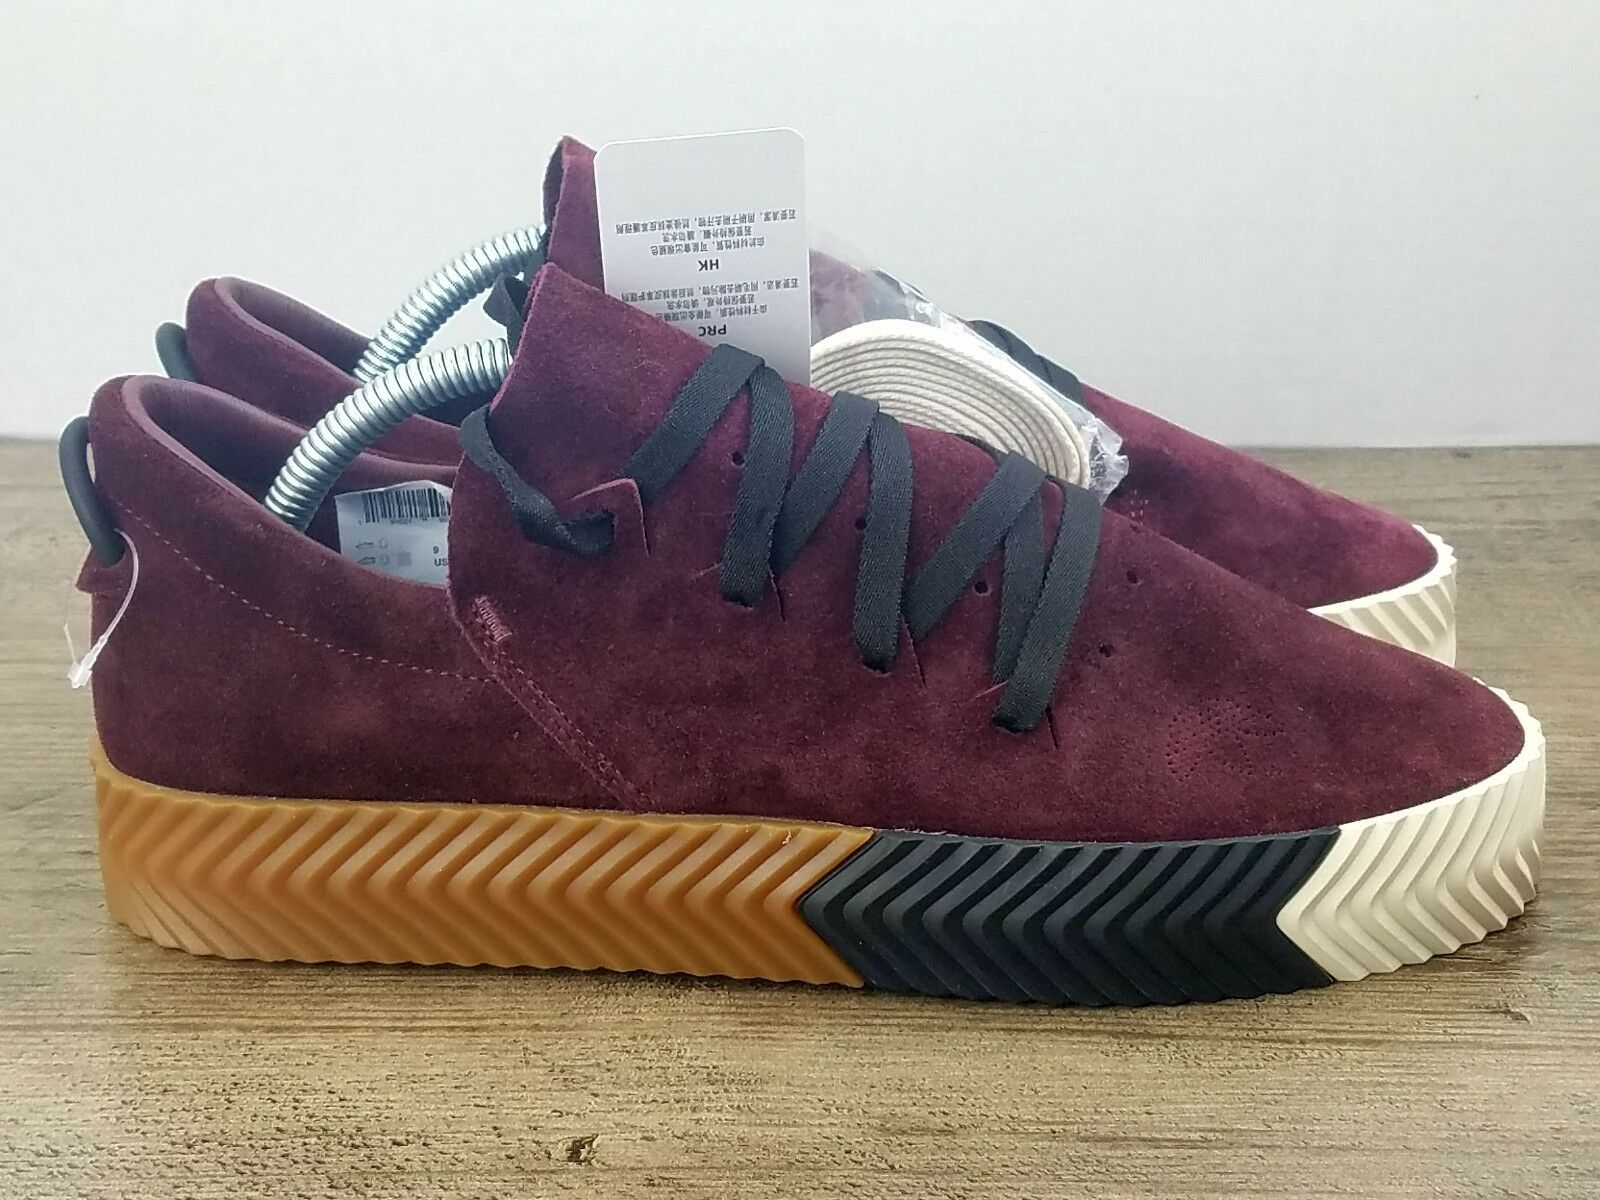 Adidas by8909 originali alexander wang x - skate maroon gomma by8909 Adidas noi sz 5 - 43ed0f